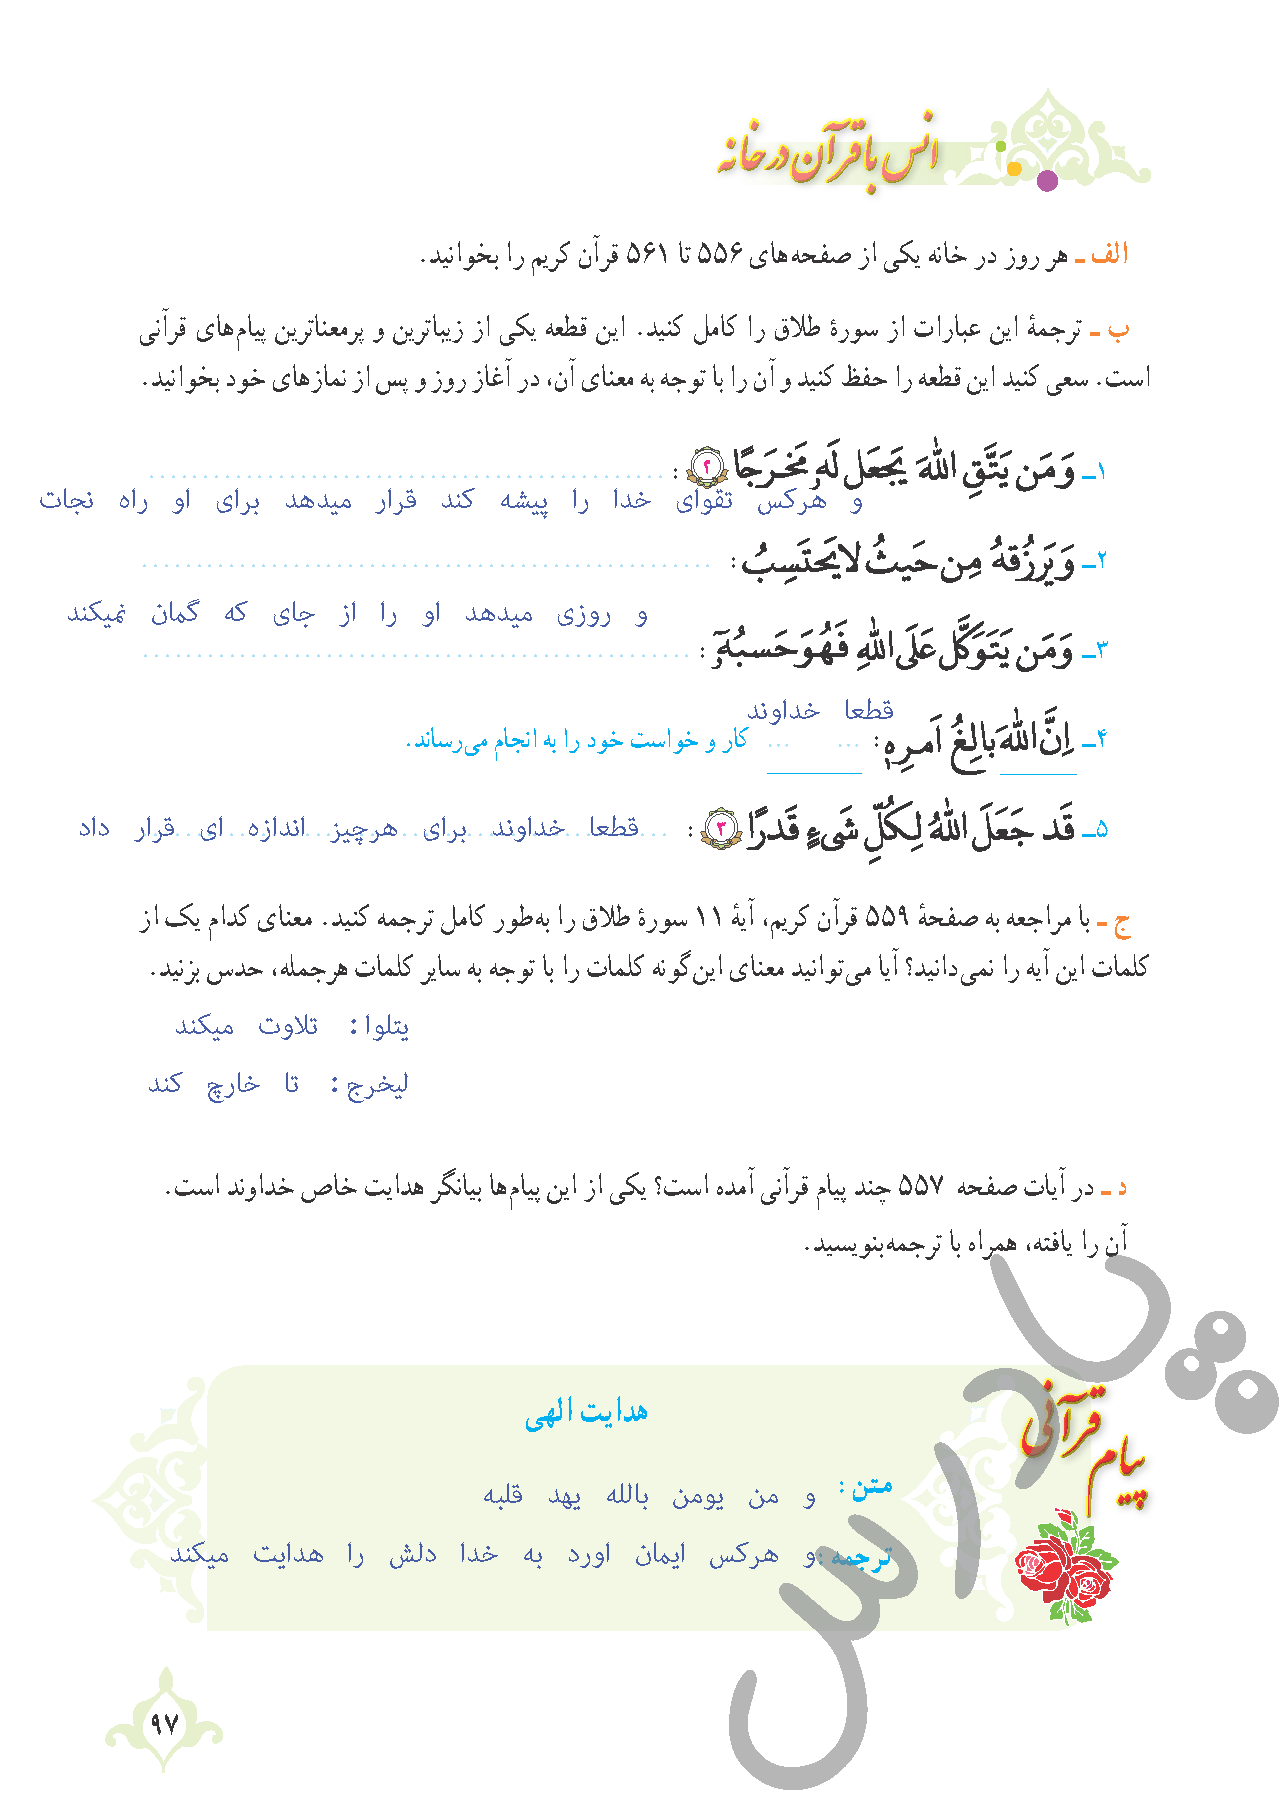 جواب انس با قرآن درس9 قرآن نهم - بخش اول